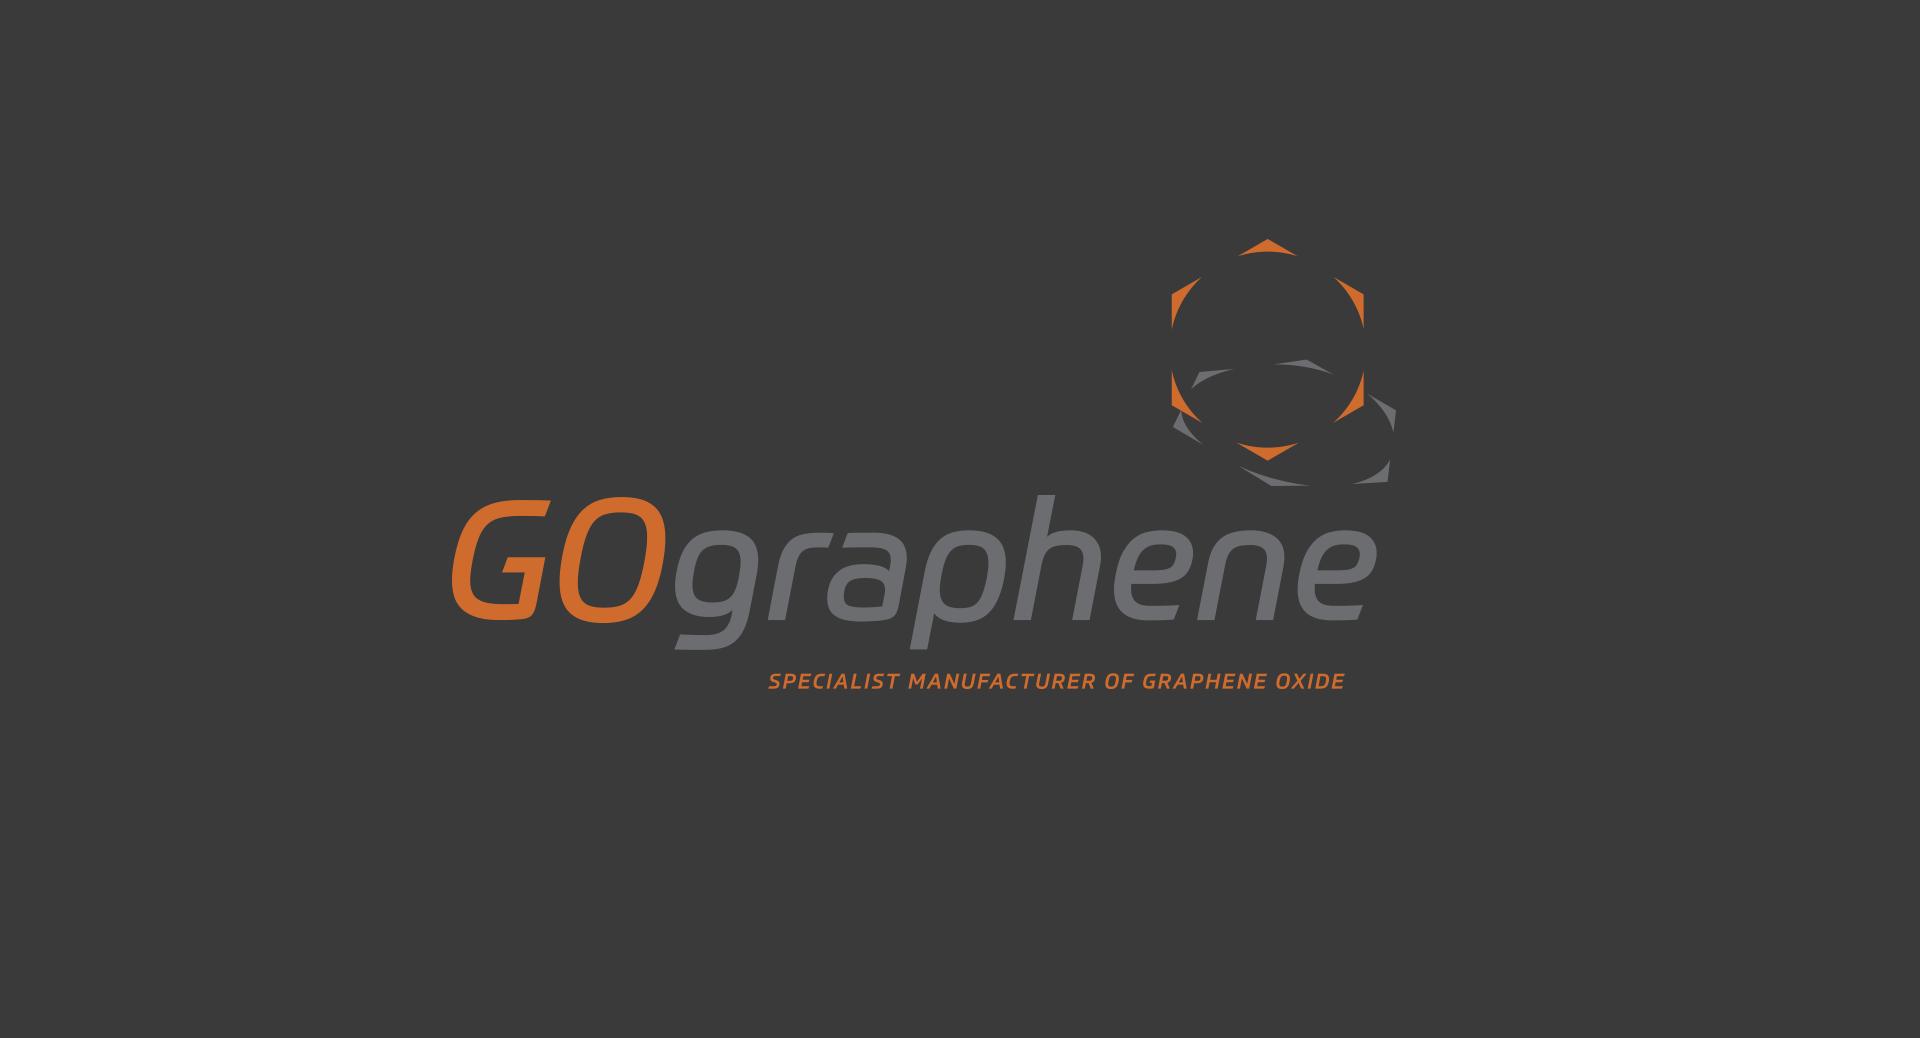 go graphene brand